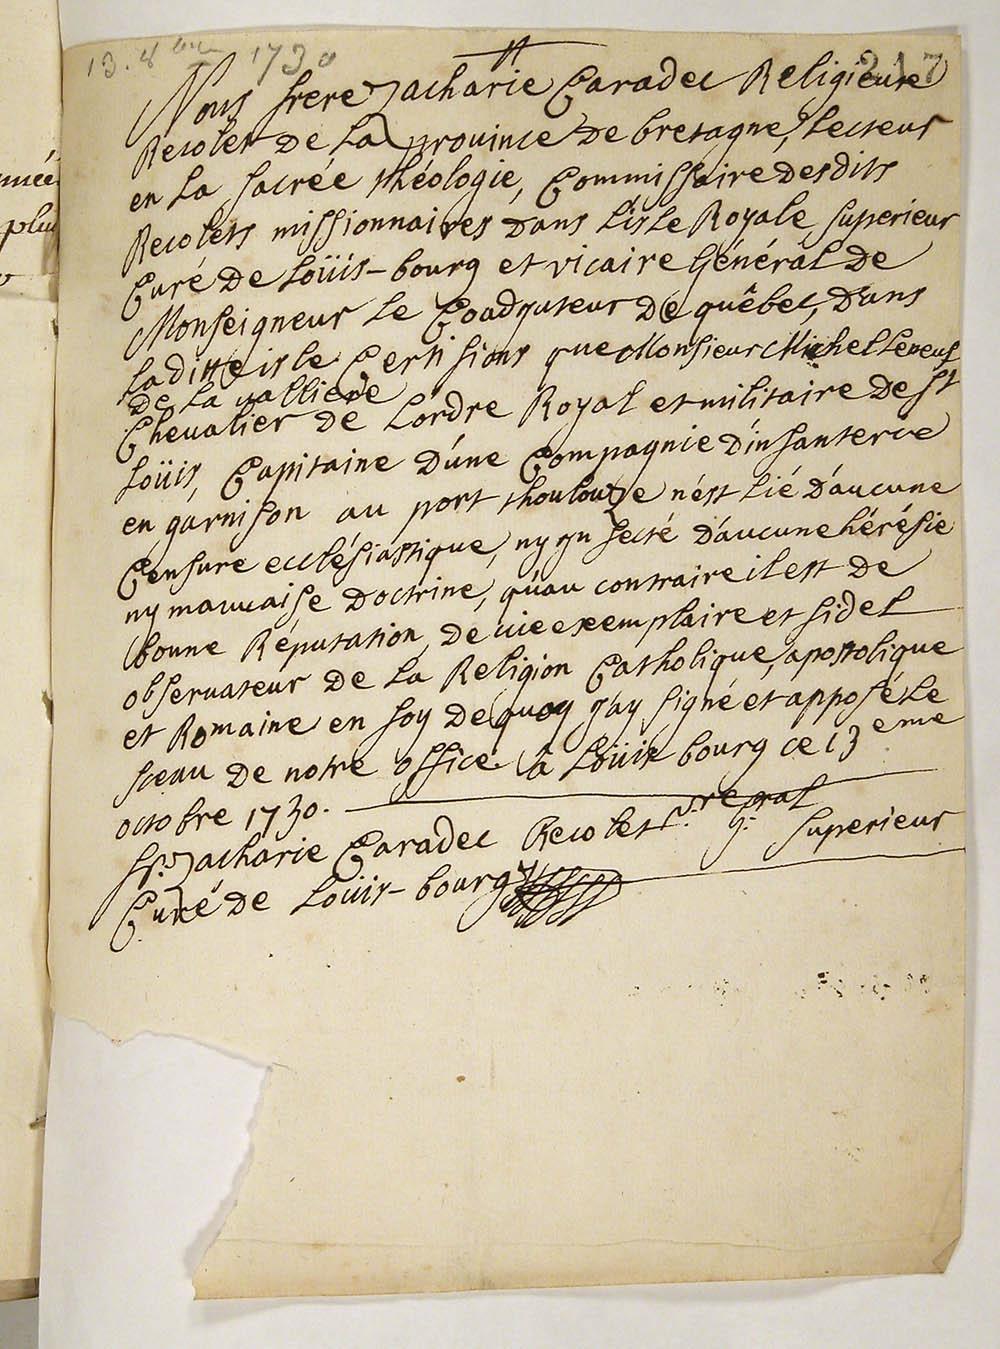 Certificat de catholicité remis au sieur Michel Leneuf de La Vallière, capitaine à Port-Toulouse, 13 octobre 1730. FR CAOM COL C11B 11 fol. 217